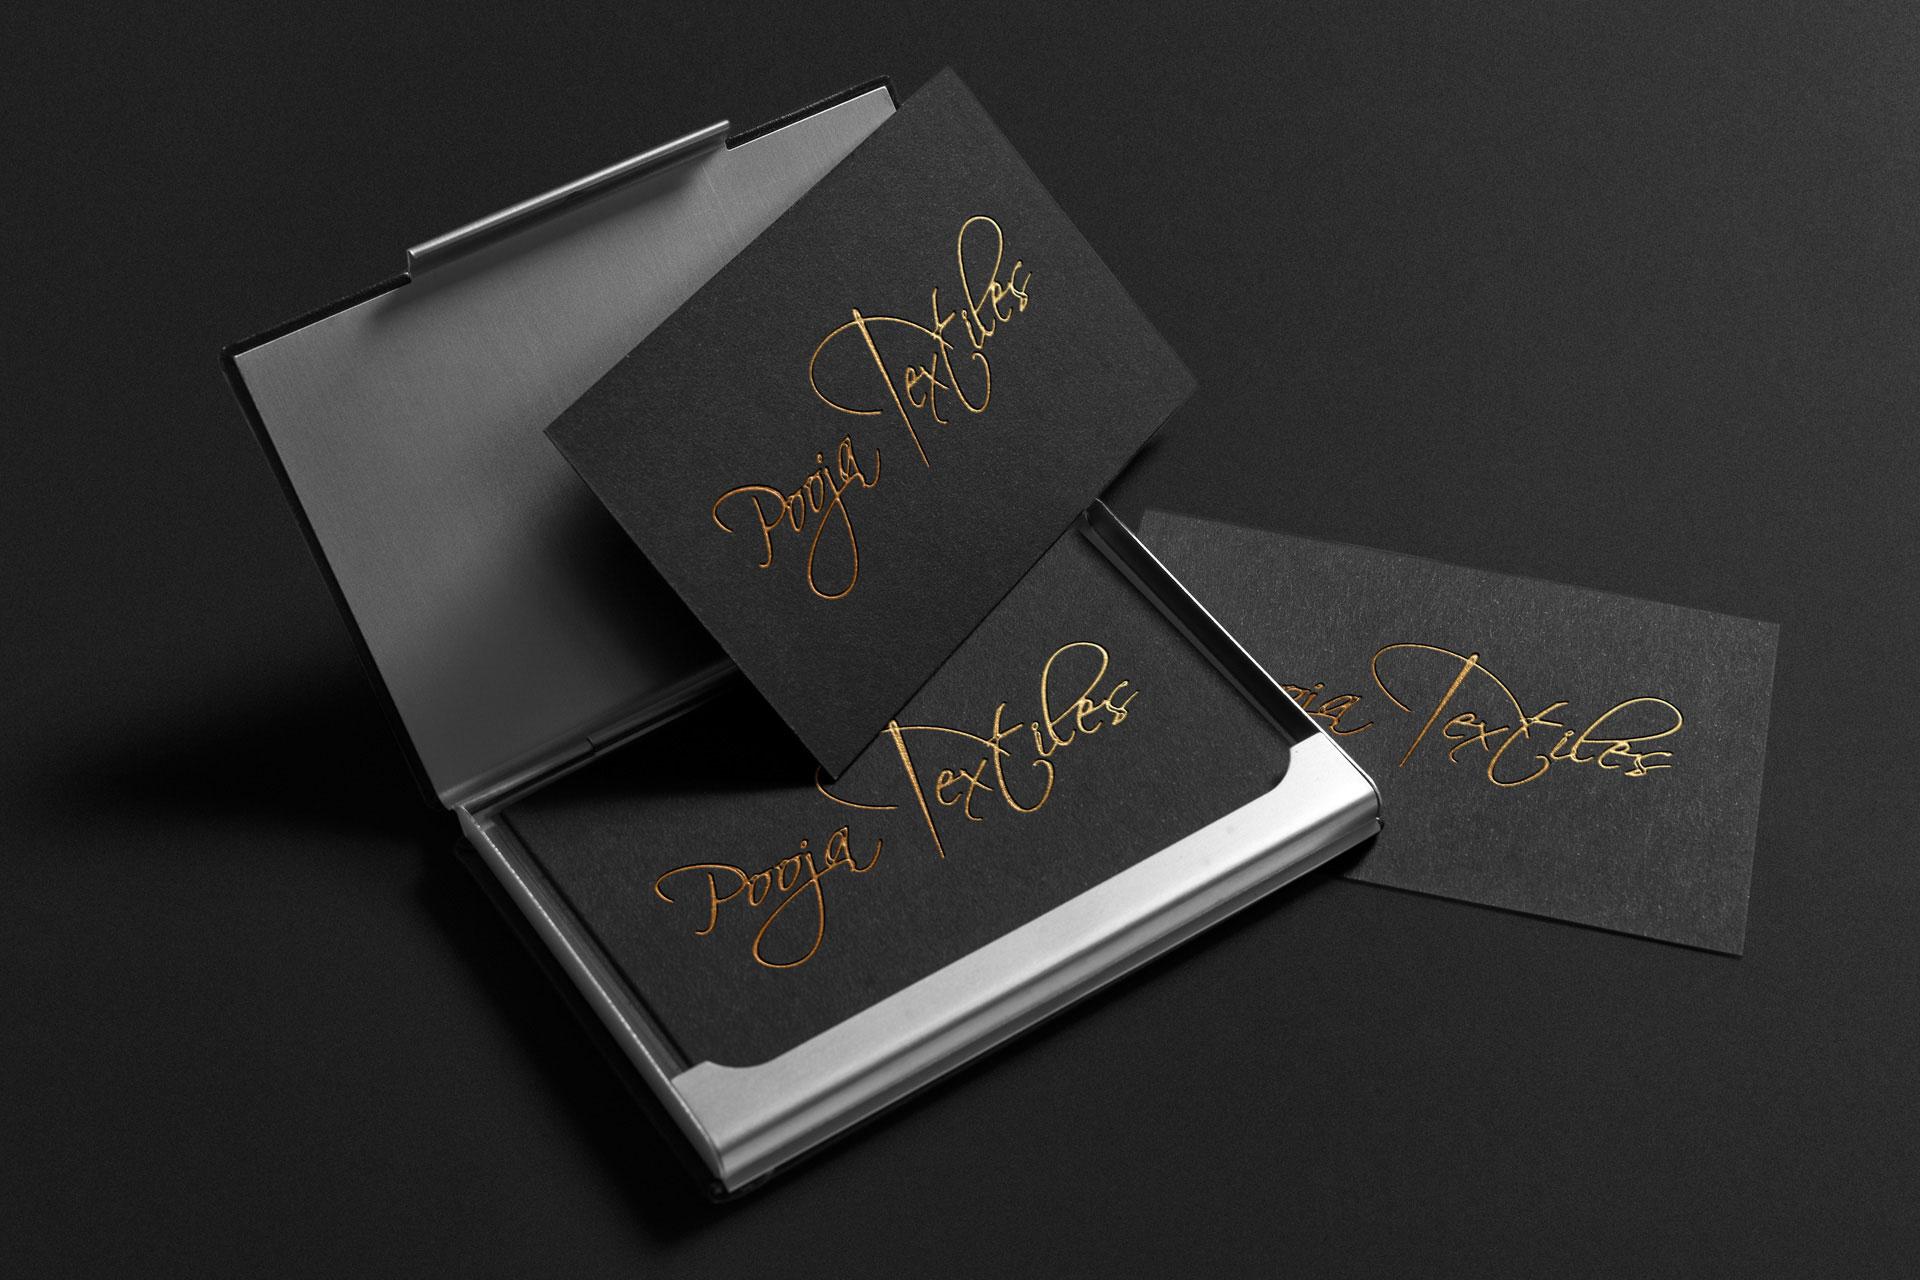 Pooja-Textiles - Graphic Design Portfolio